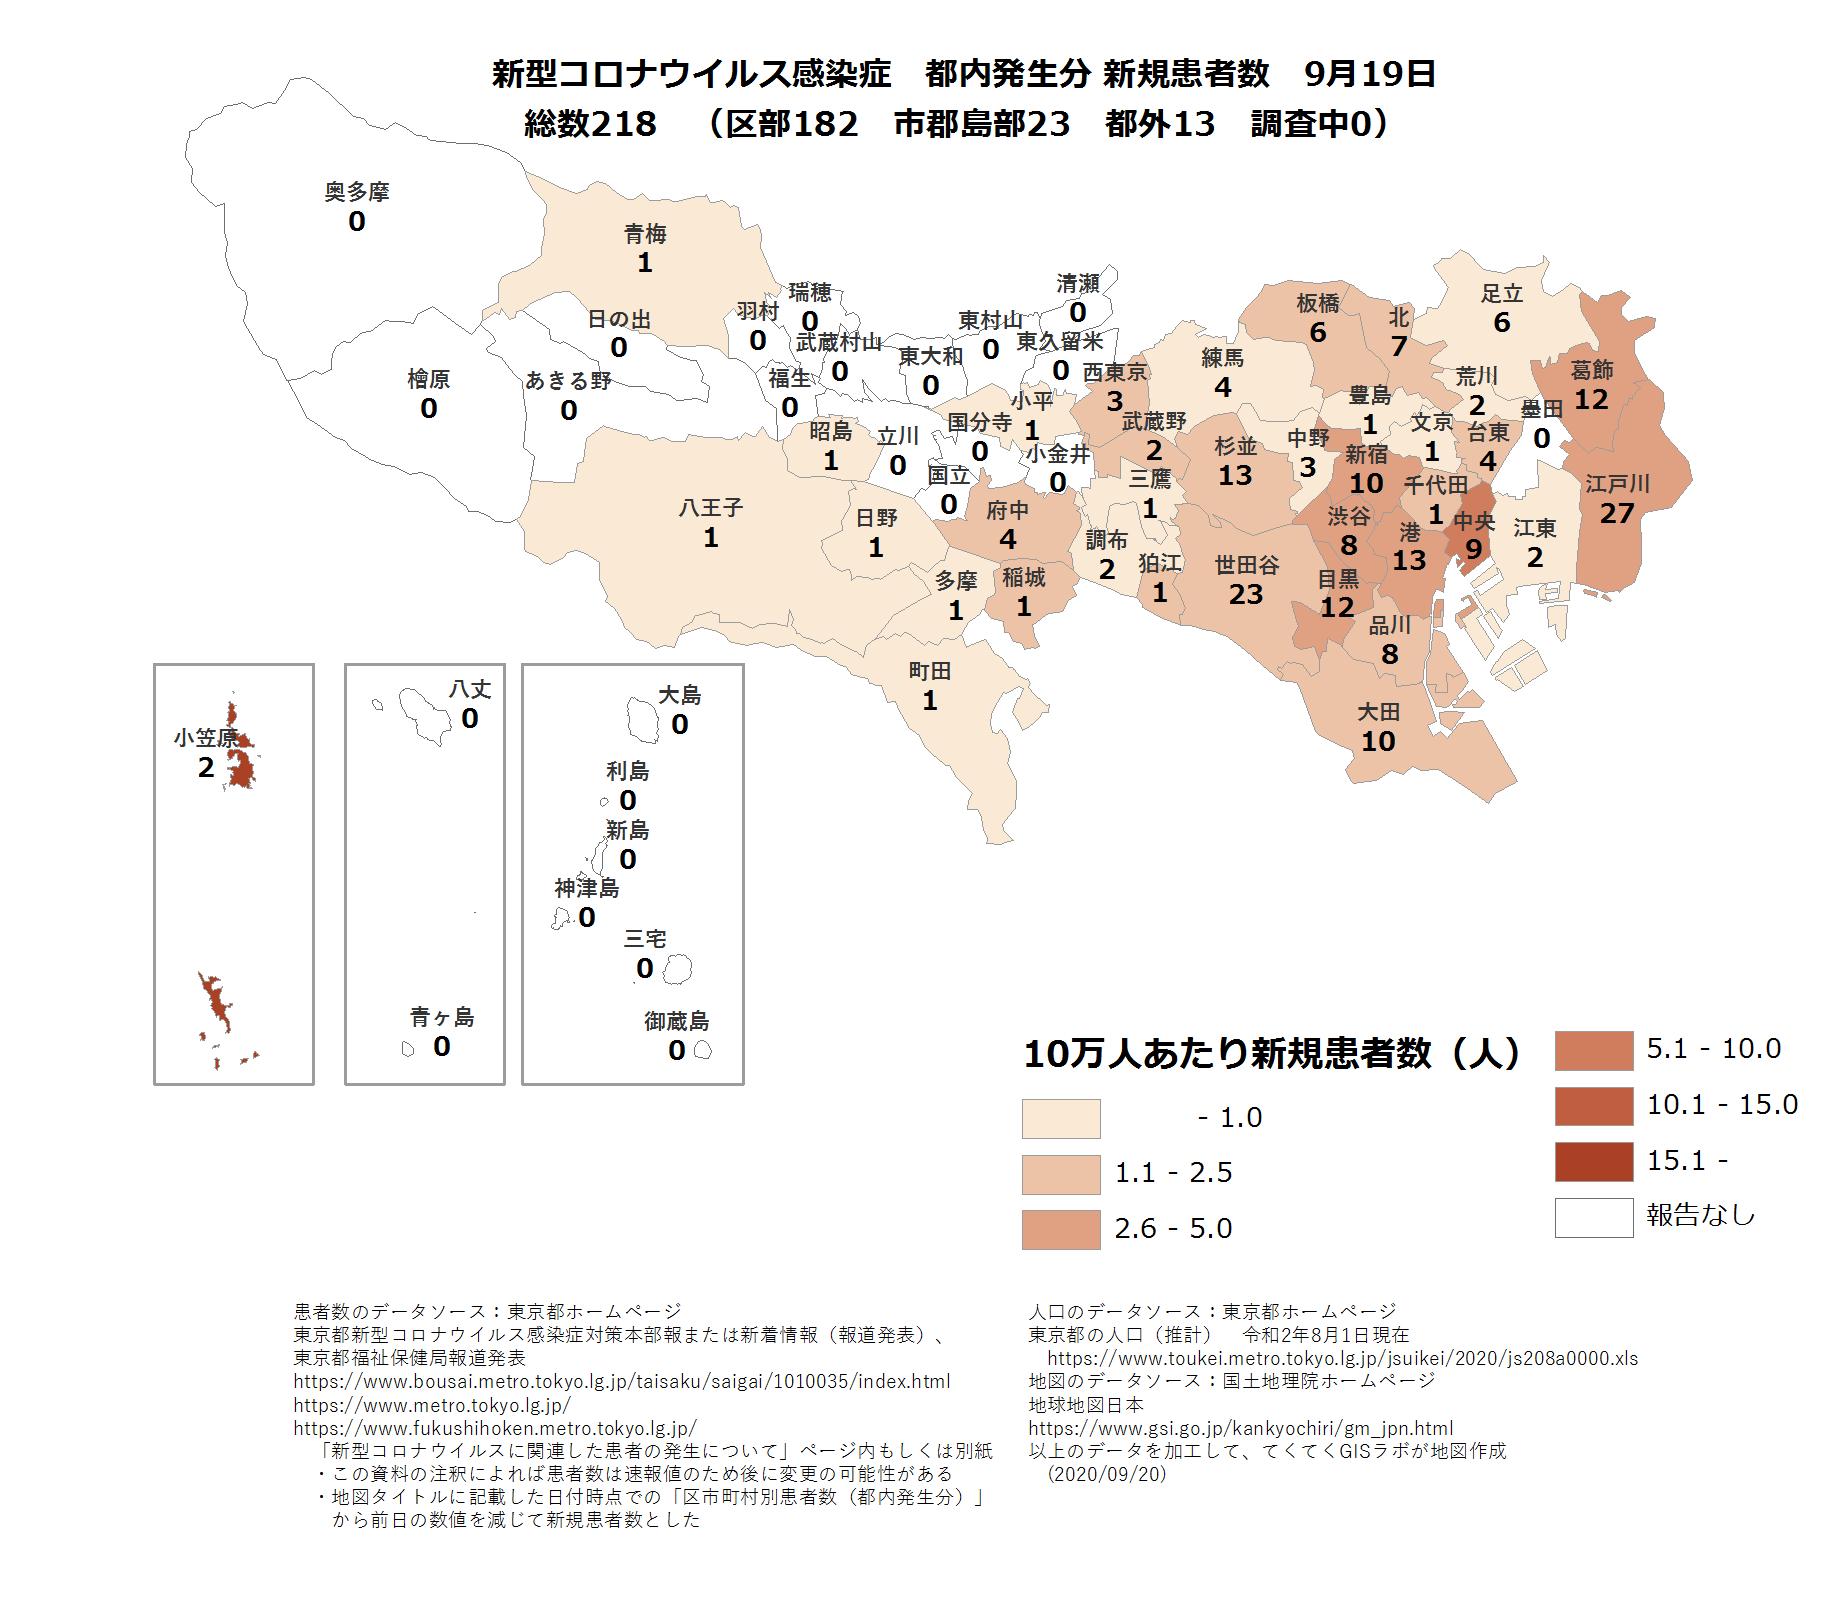 市区町村ごと新規患者数9月19日東京